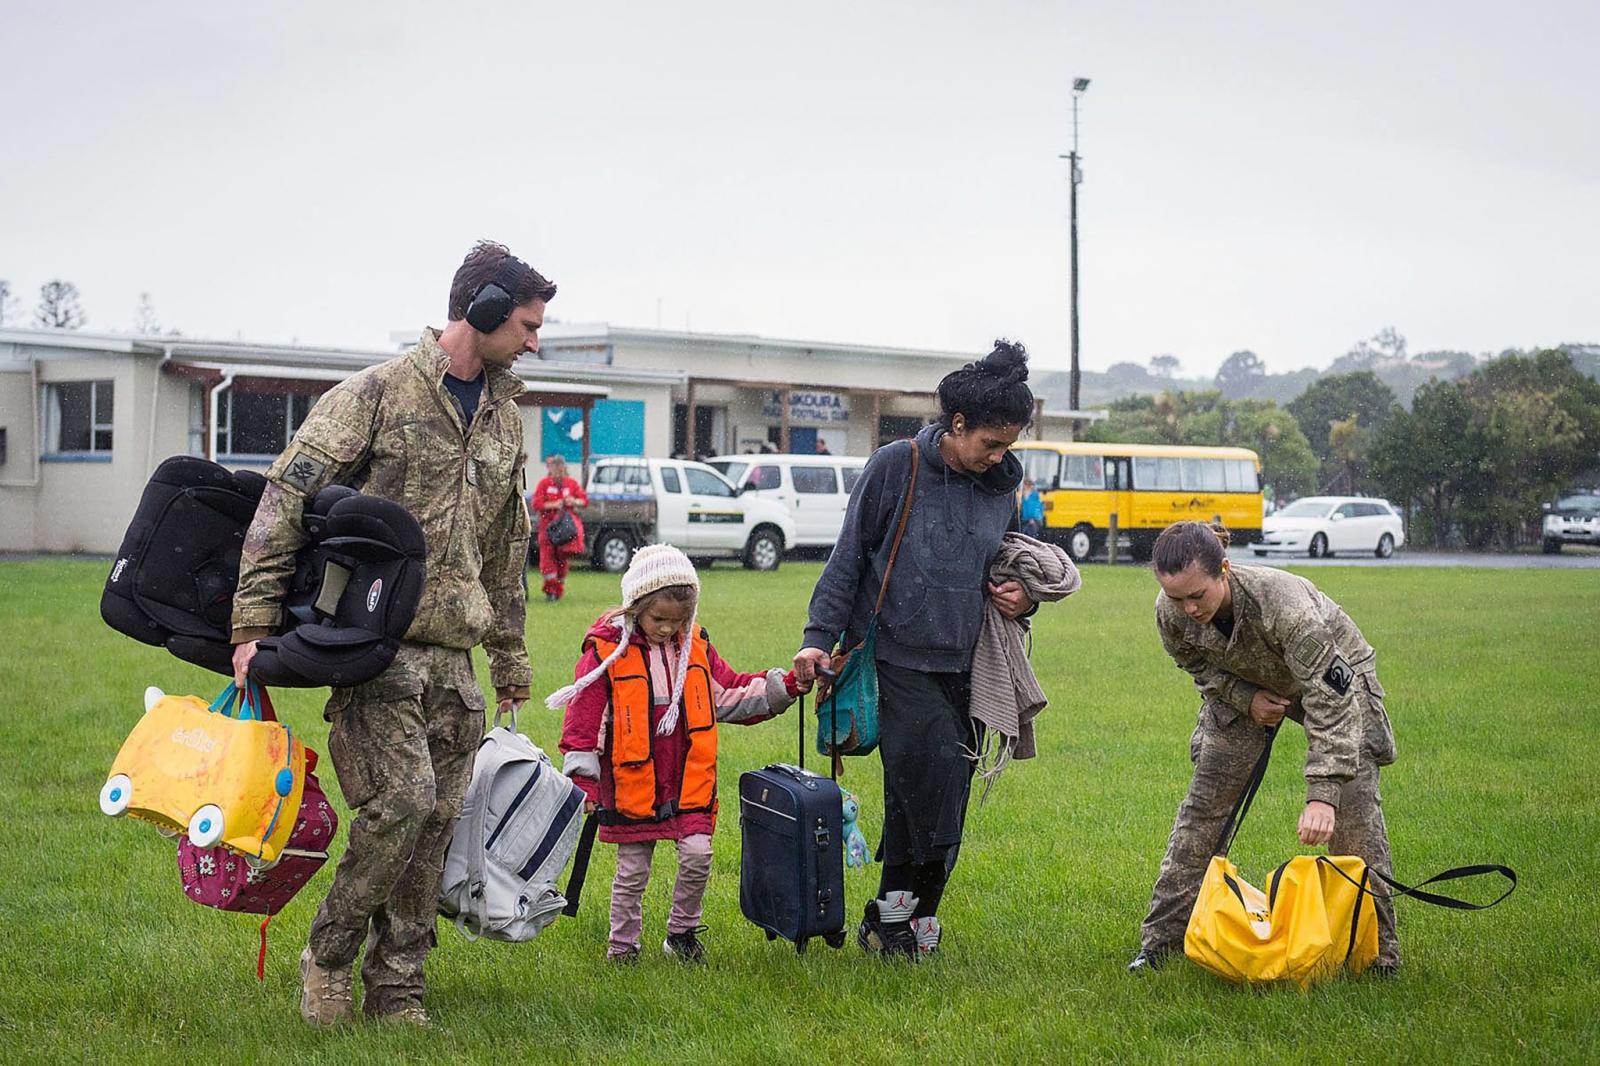 Ewakuacja z terenów zagrożonych trzęsieniem ziemi w Nowej Zelandii. PAP/EPA/CPL AMANDA MCERLICH/NEW ZEALAND DEFENCE FORCE AUSTRALIA AND NEW ZEALAND OUT HANDOUT EDITORIAL USE ONLY/NO SALES